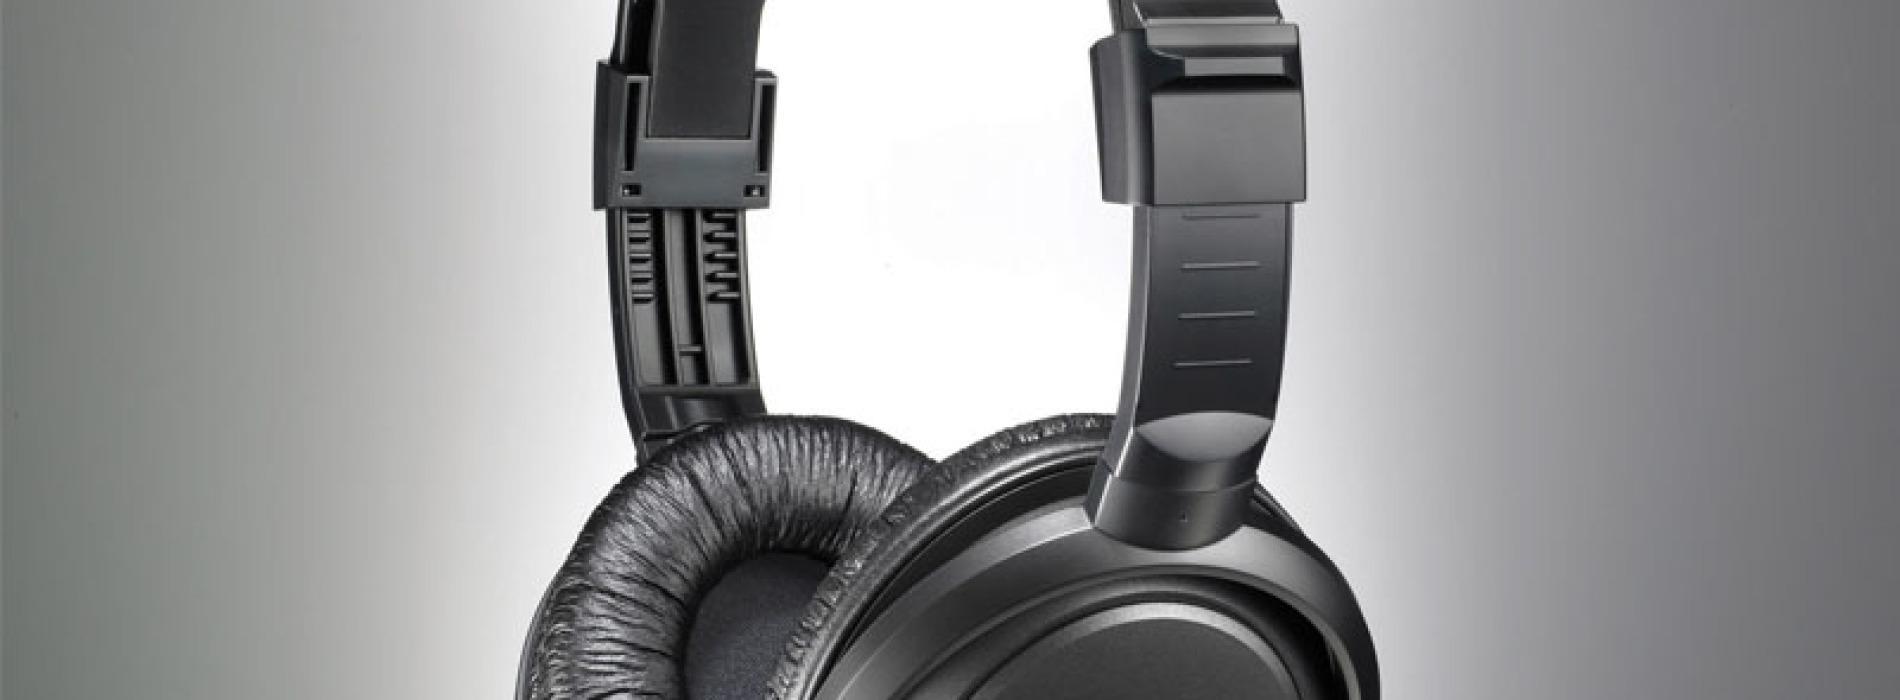 Ремонт наушников Audio-Technica